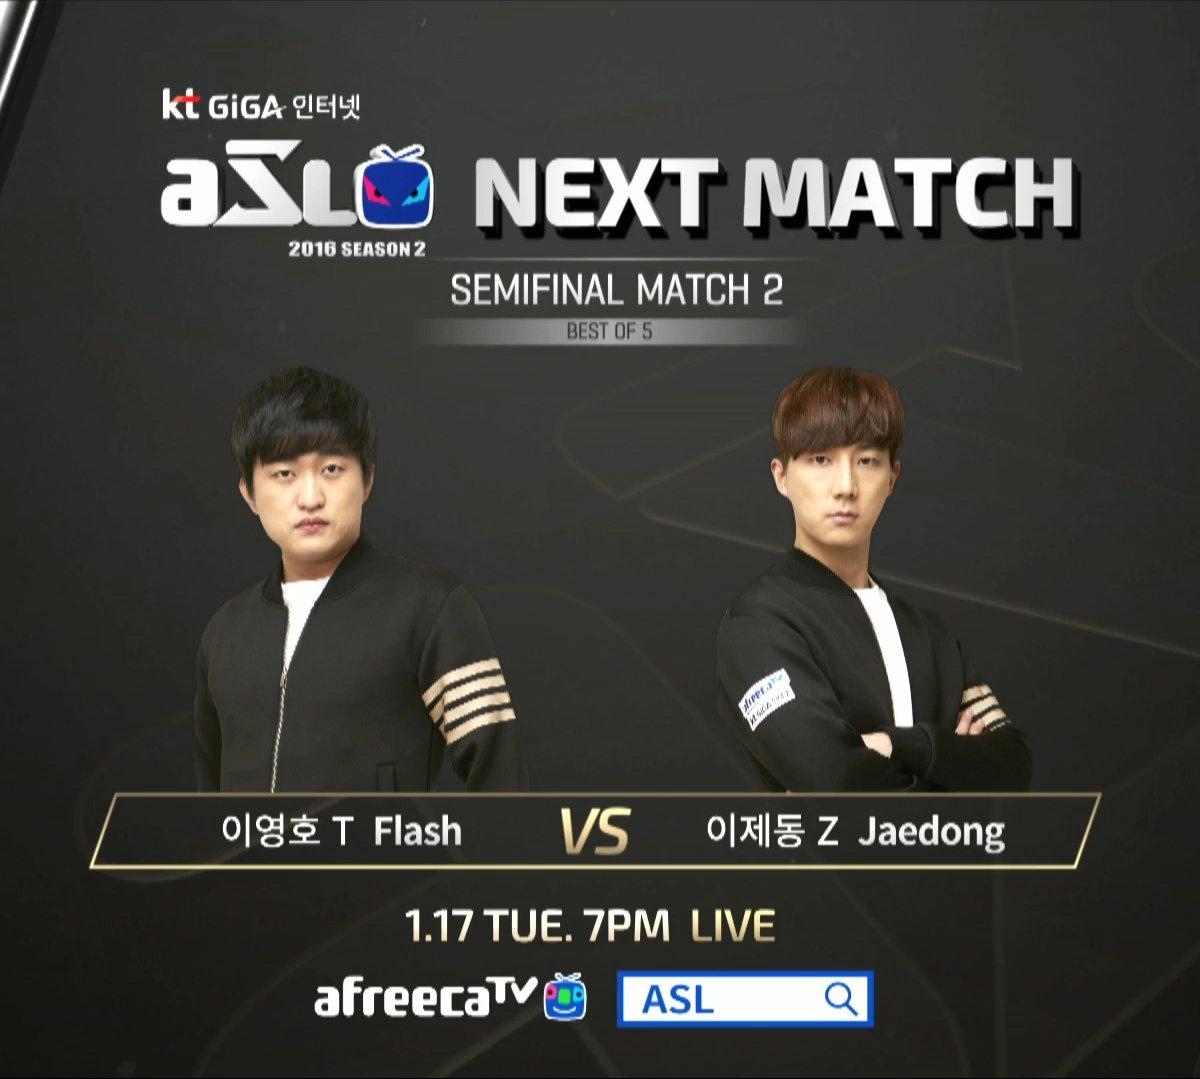 Flash vs Jaedong